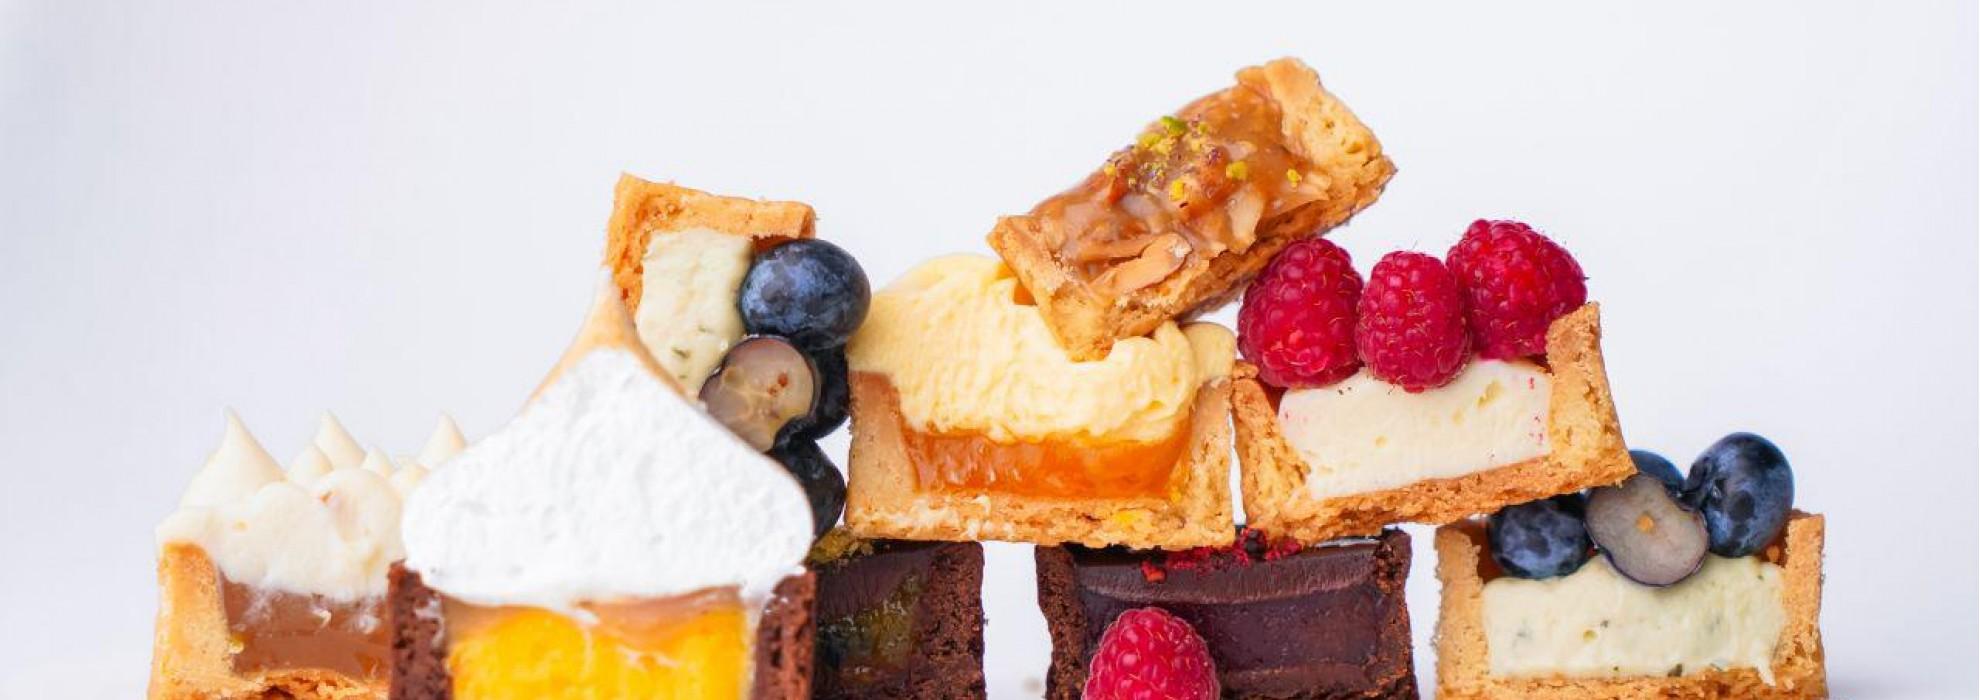 Десерты с доставкой во время карантина